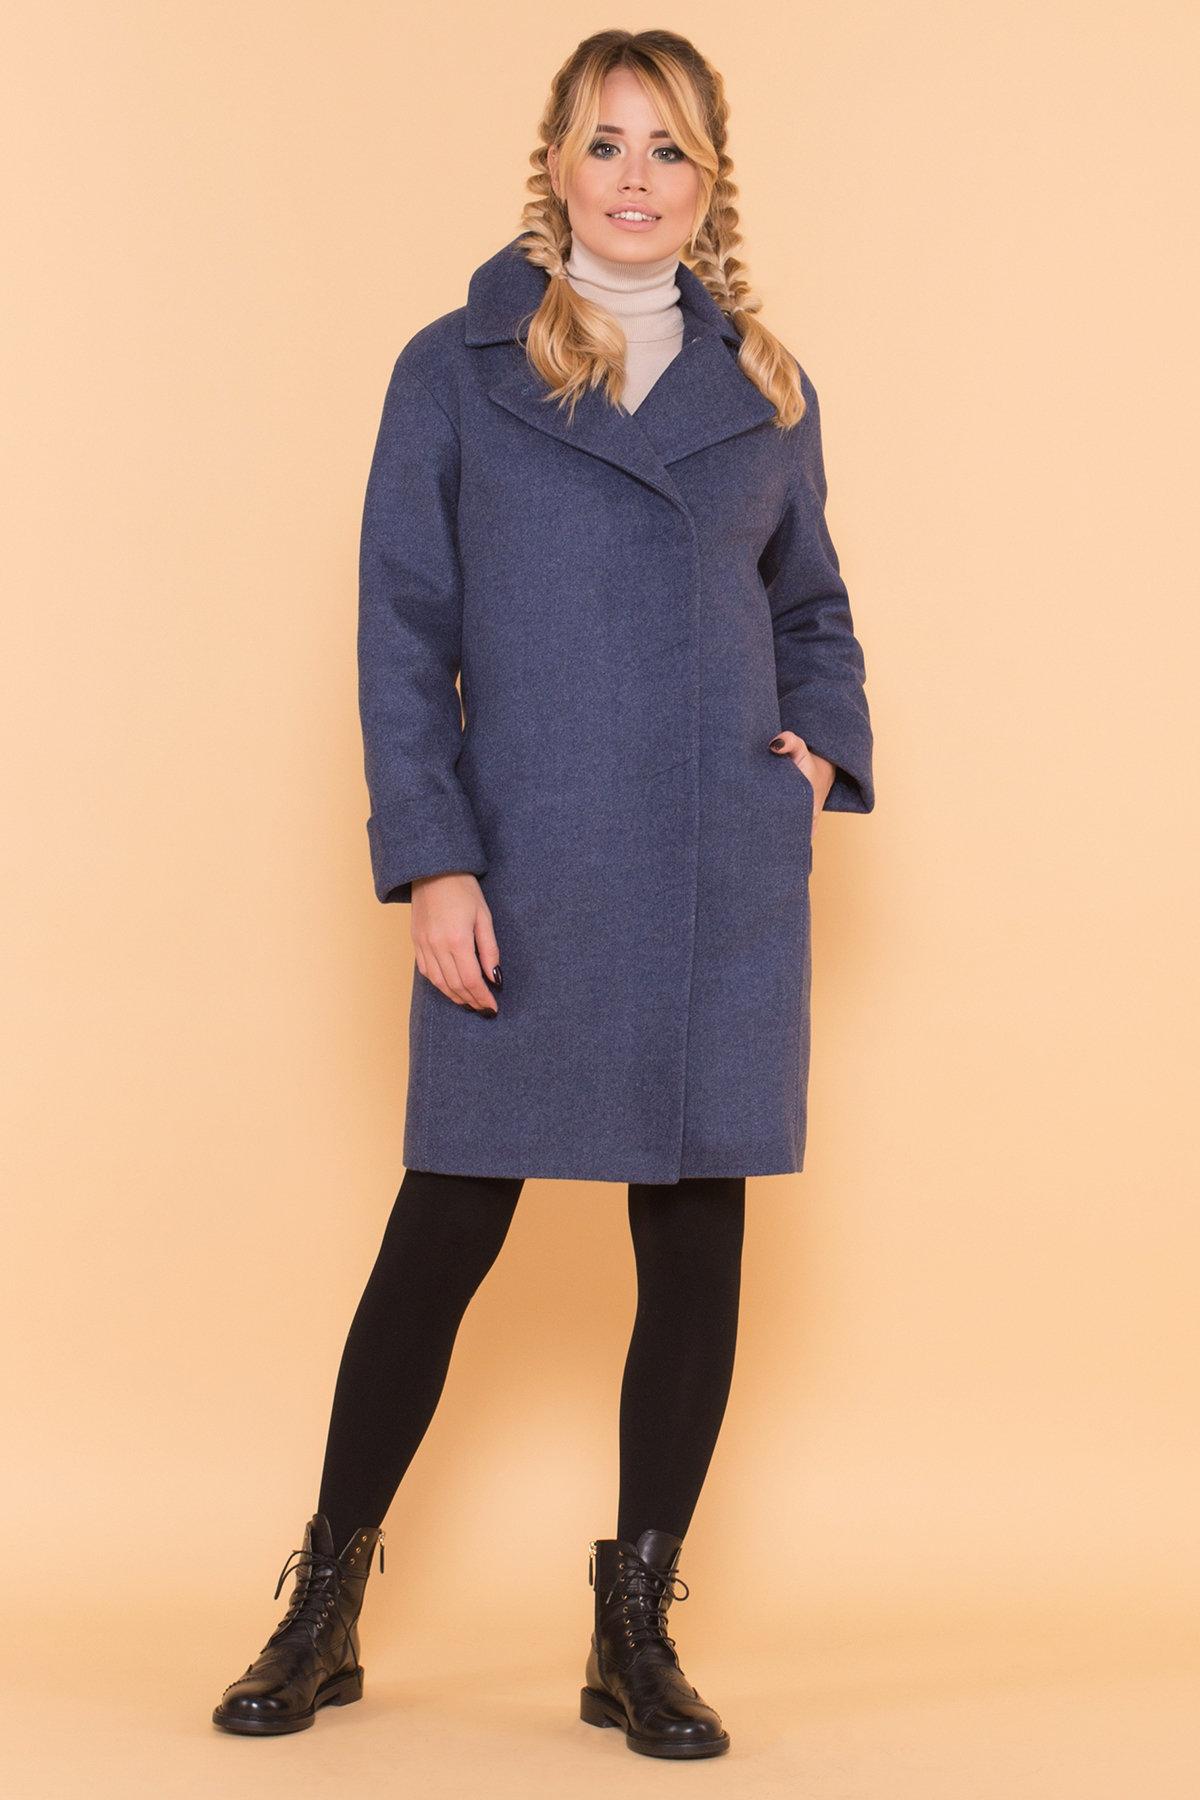 Классическое однобортное пальто зима с отложным воротником Приора 5835 АРТ. 39410 Цвет: Джинс - фото 4, интернет магазин tm-modus.ru